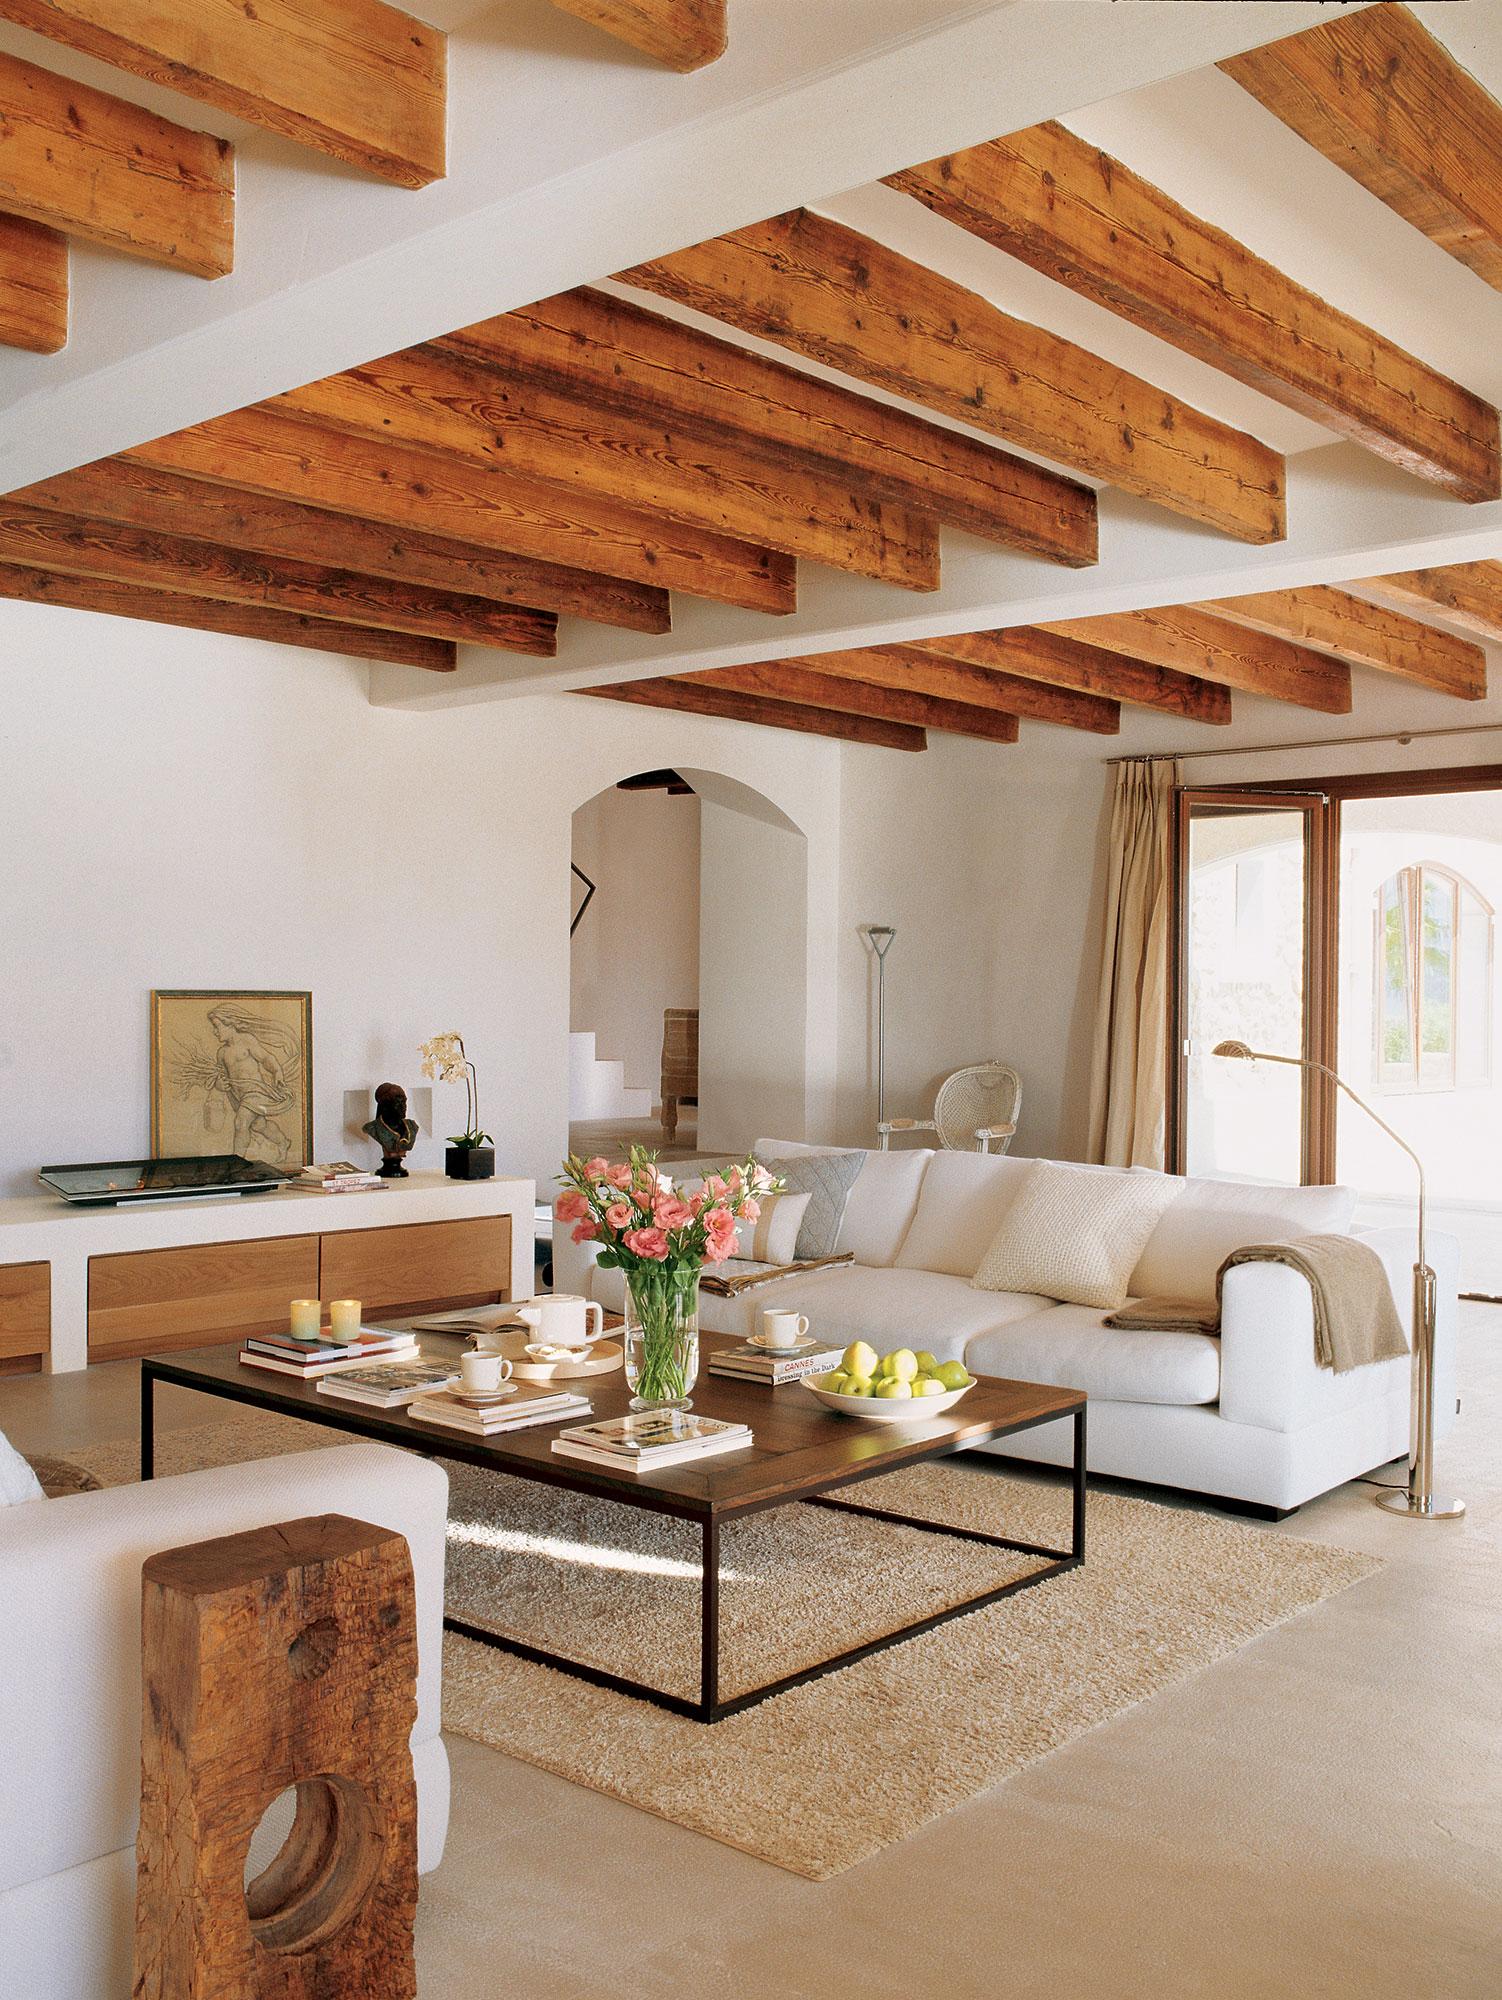 saln actual con sofs en blanco y vigas de madera - Bigas De Madera